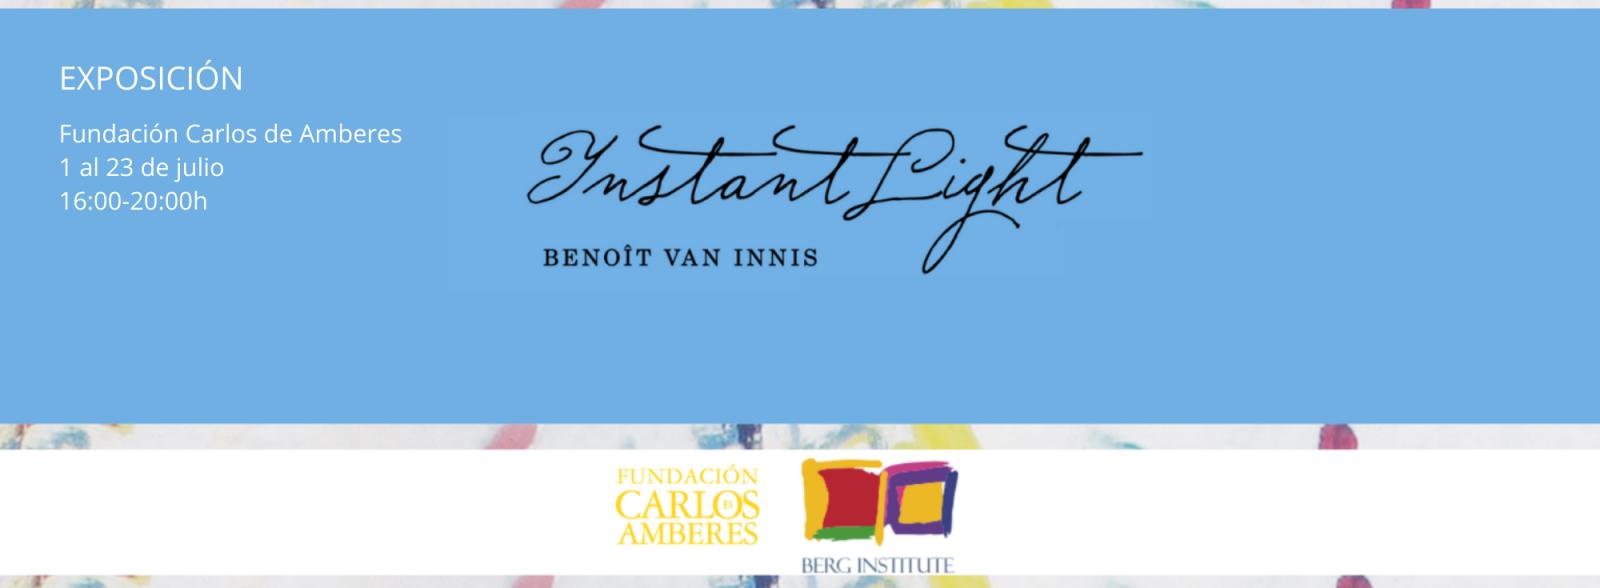 Exposición Benoit Van Innis